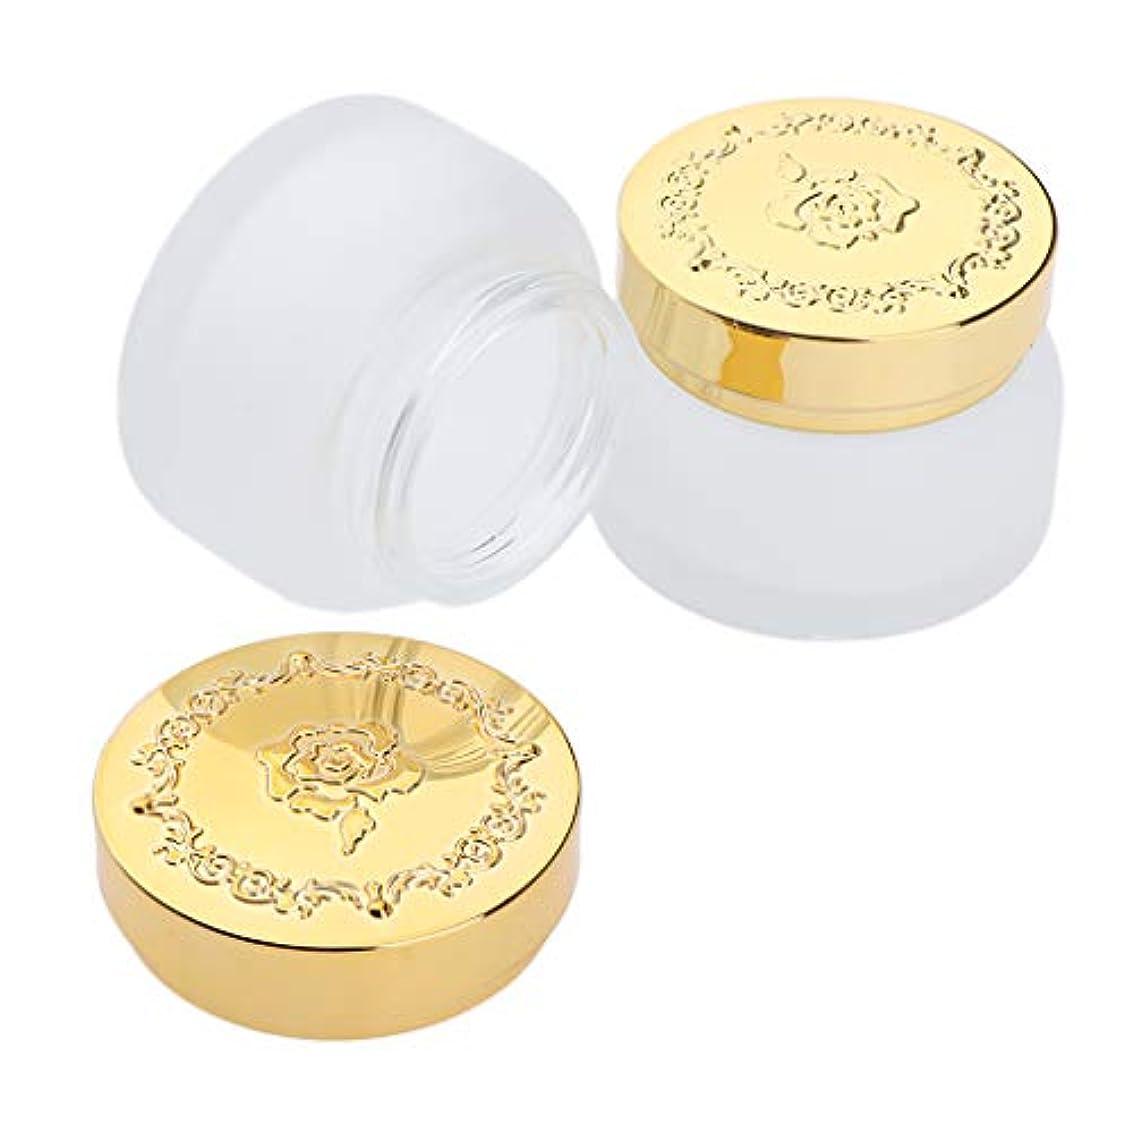 石鹸天のメンター2個 メイクアップジャー ガラス クリームジャー 手作り コスメ 化粧品 詰め替え容器 2サイズ選べ - 50g